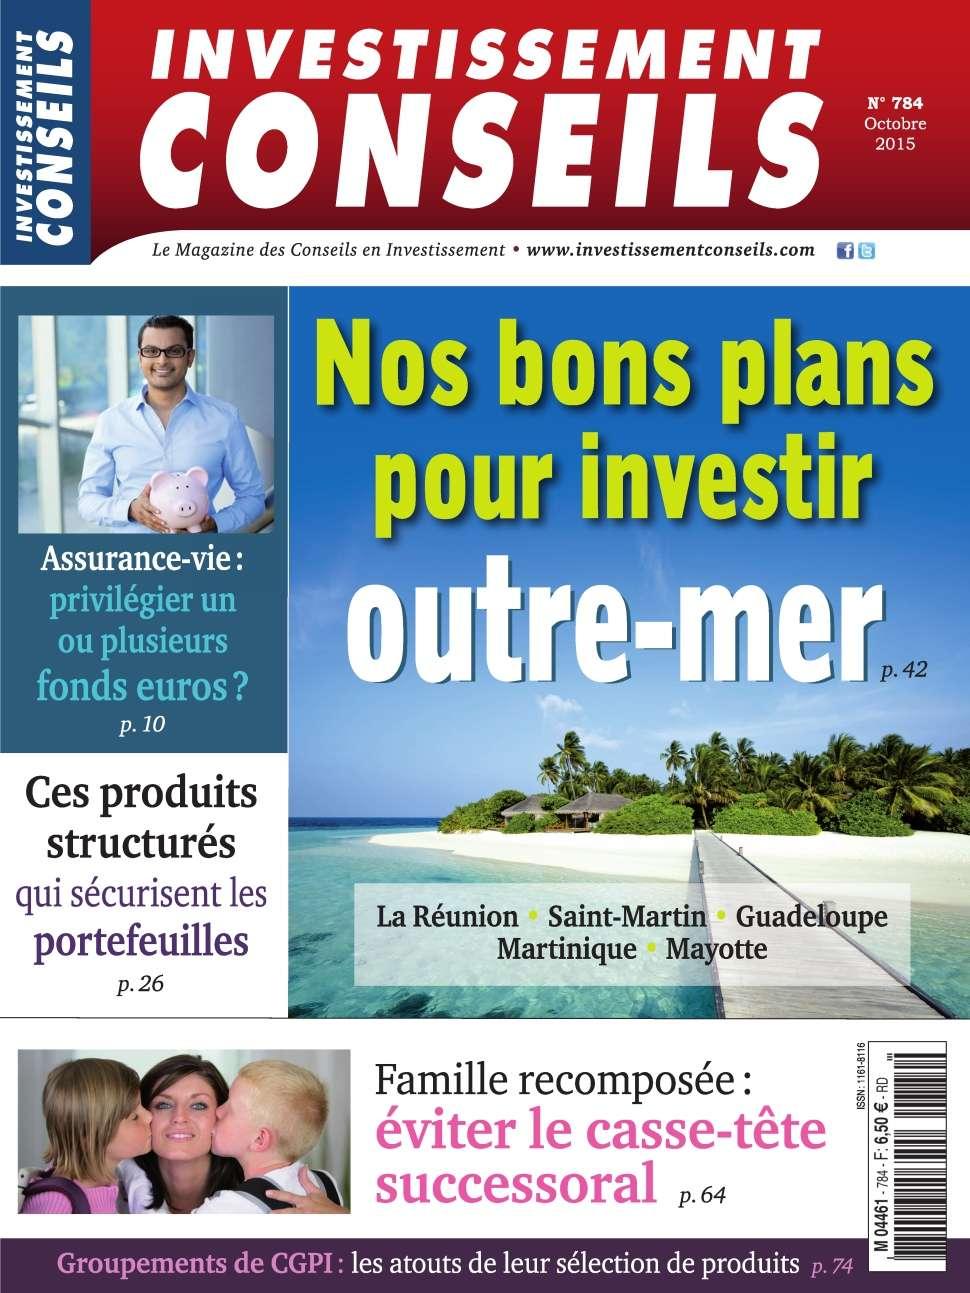 Investissement Conseils 784 - Octobre 2015